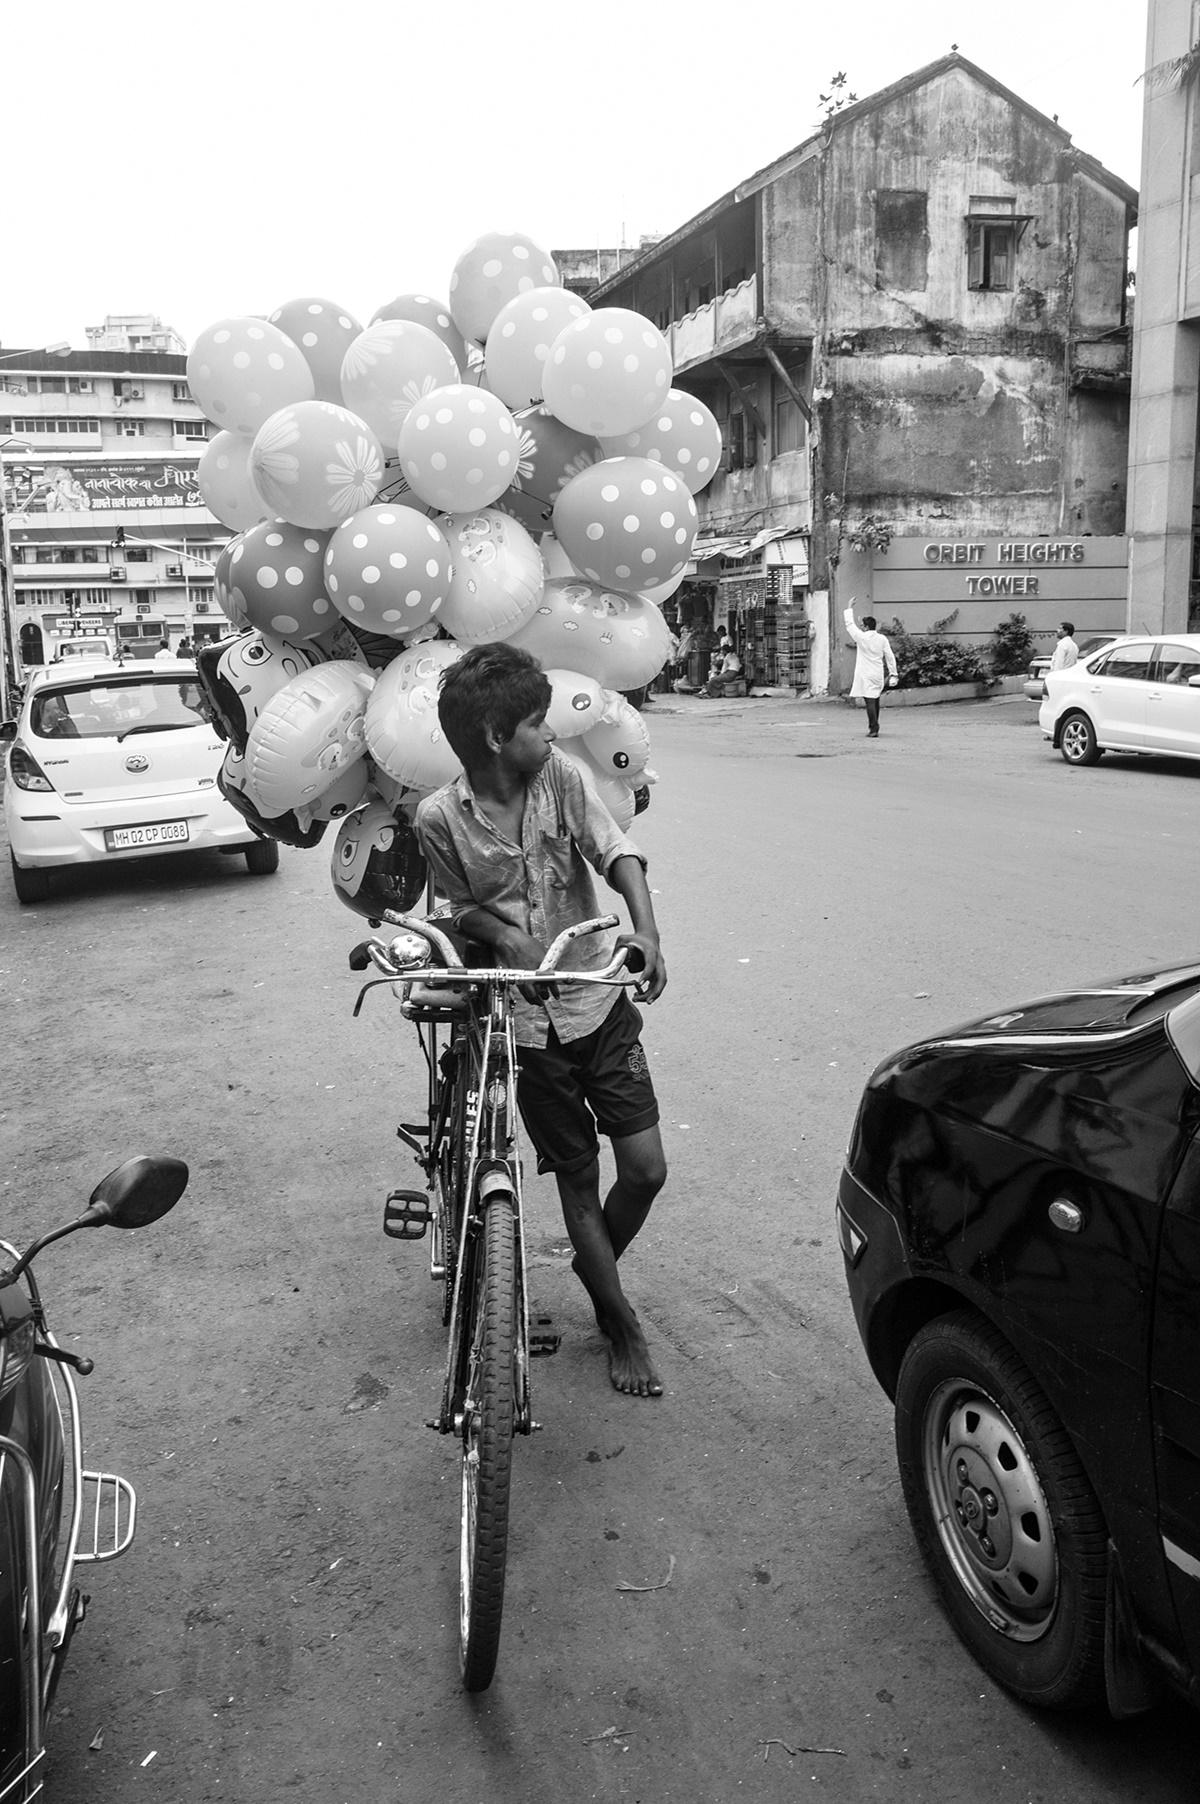 Boy selling Balloons, Bombay 2016. Image Copyright ©Sooni Taraporevala, Image Courtesy: Sunaparanta